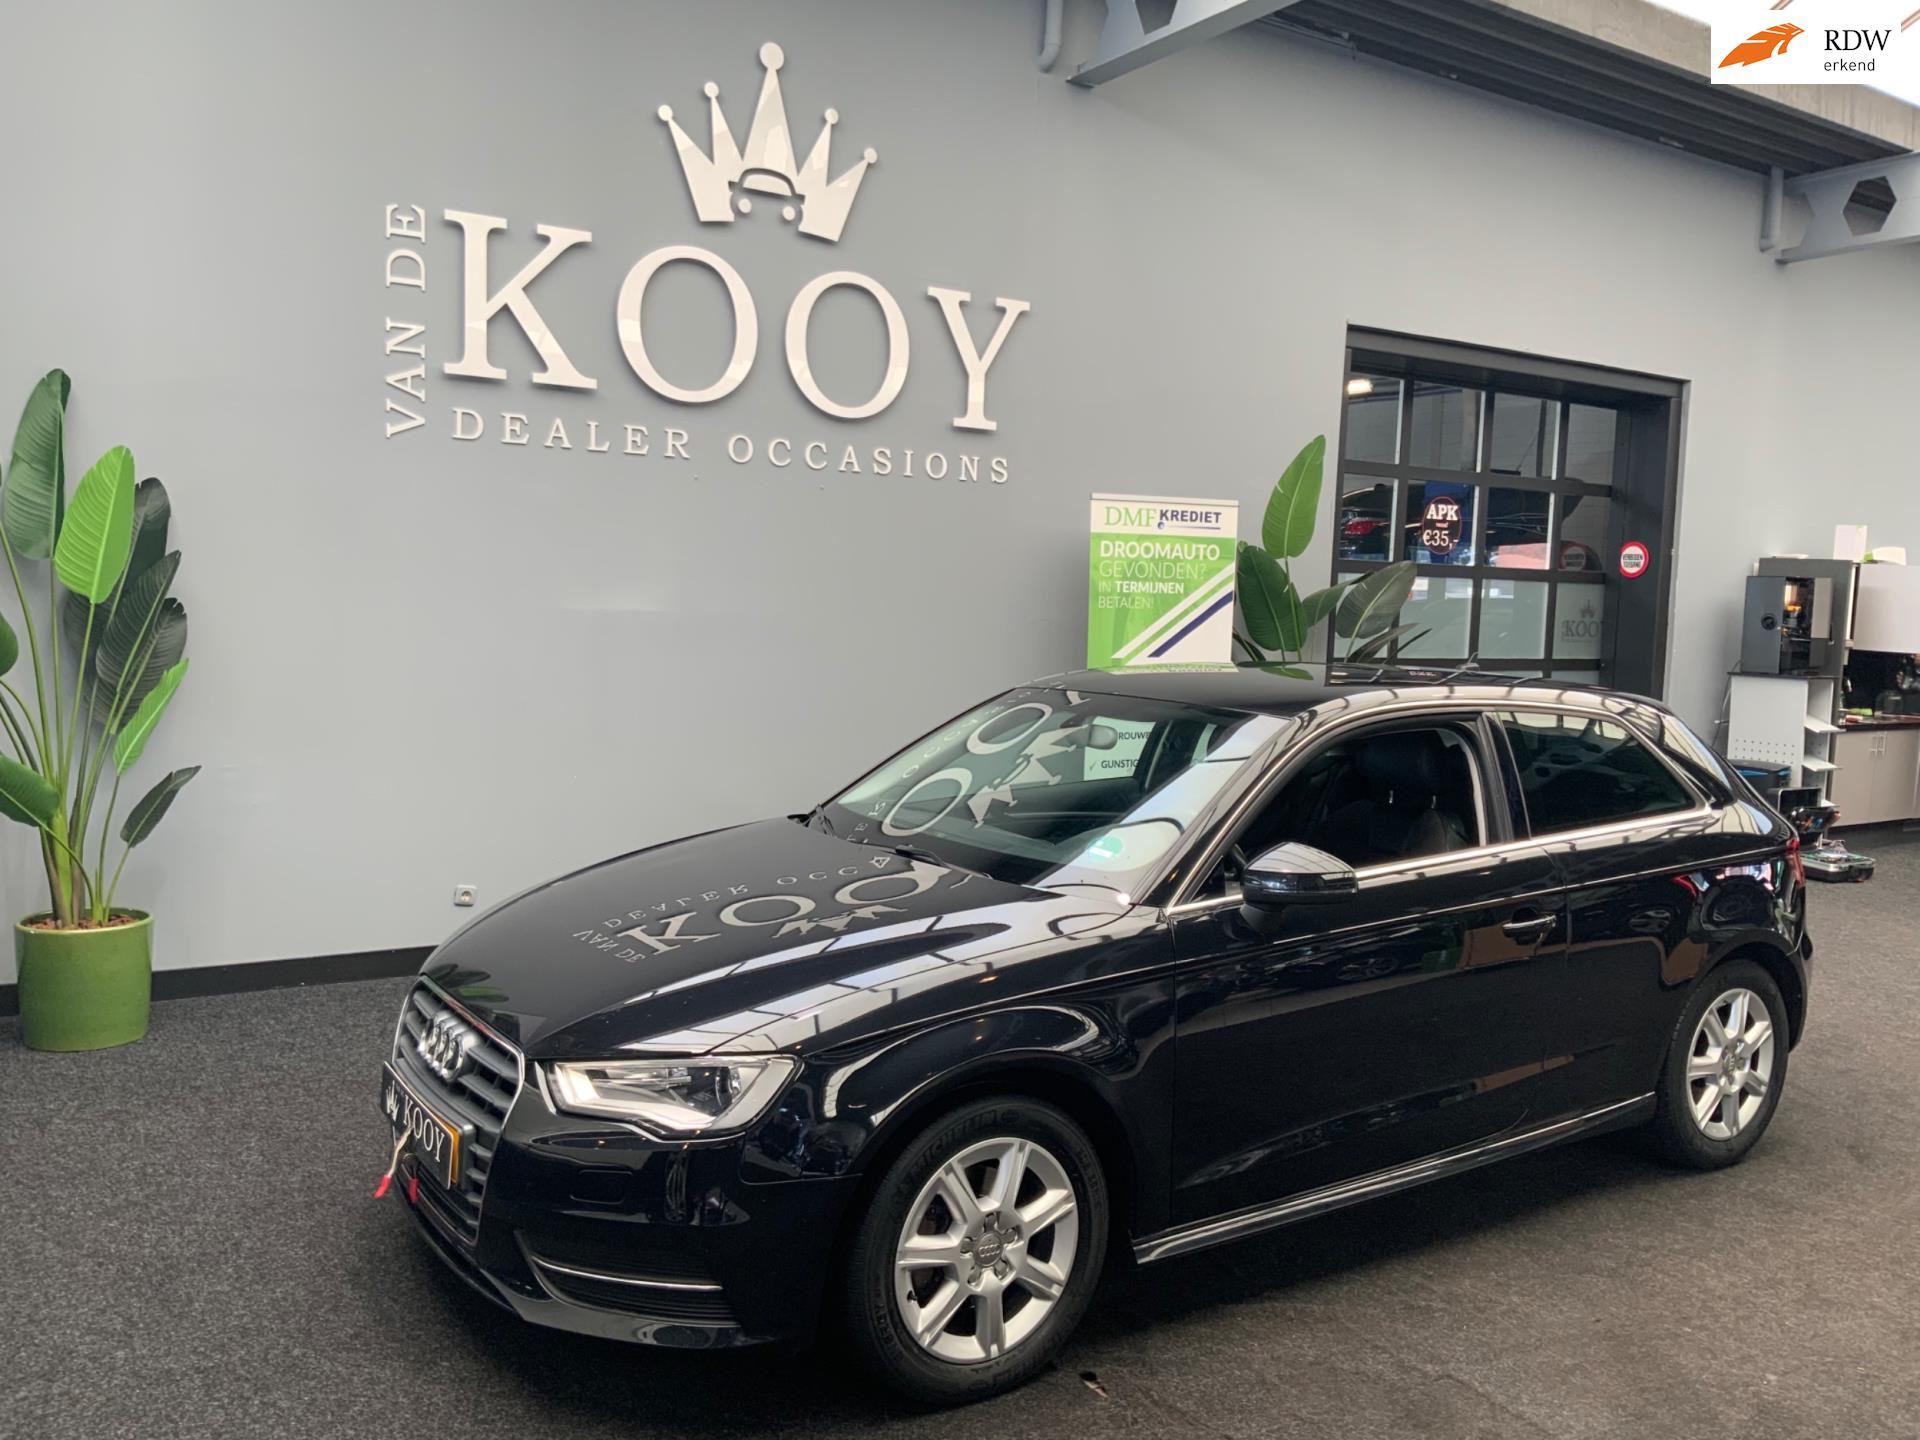 Audi A3 occasion - Van De Kooy Dealer Occasions Opmeer